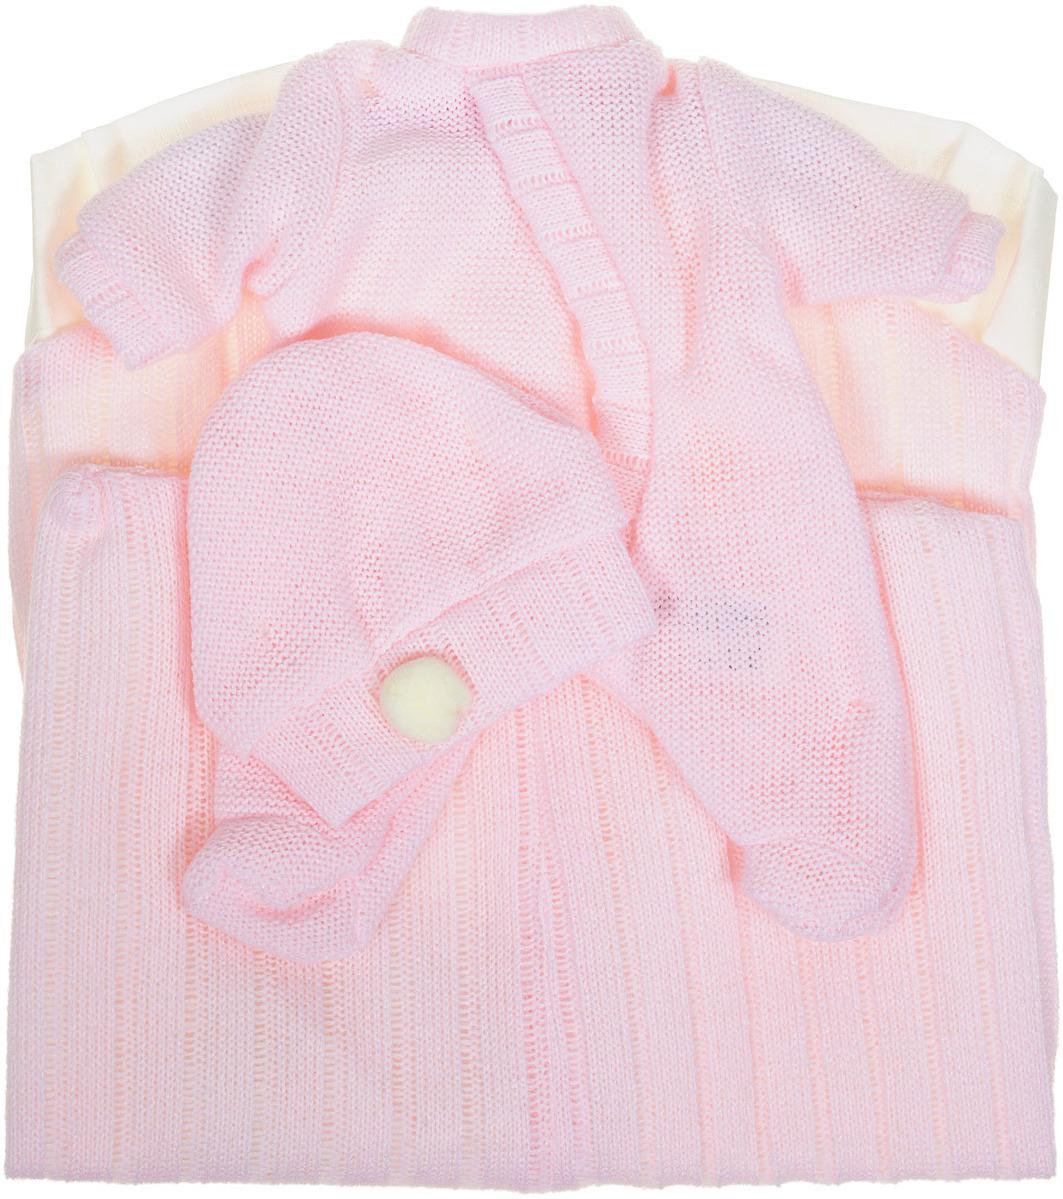 Комплект одежды Munecas Antonio Juan для кукол высотой 26 см, 0126 , в ассортименте munecas antonio juan озвученная 34 см